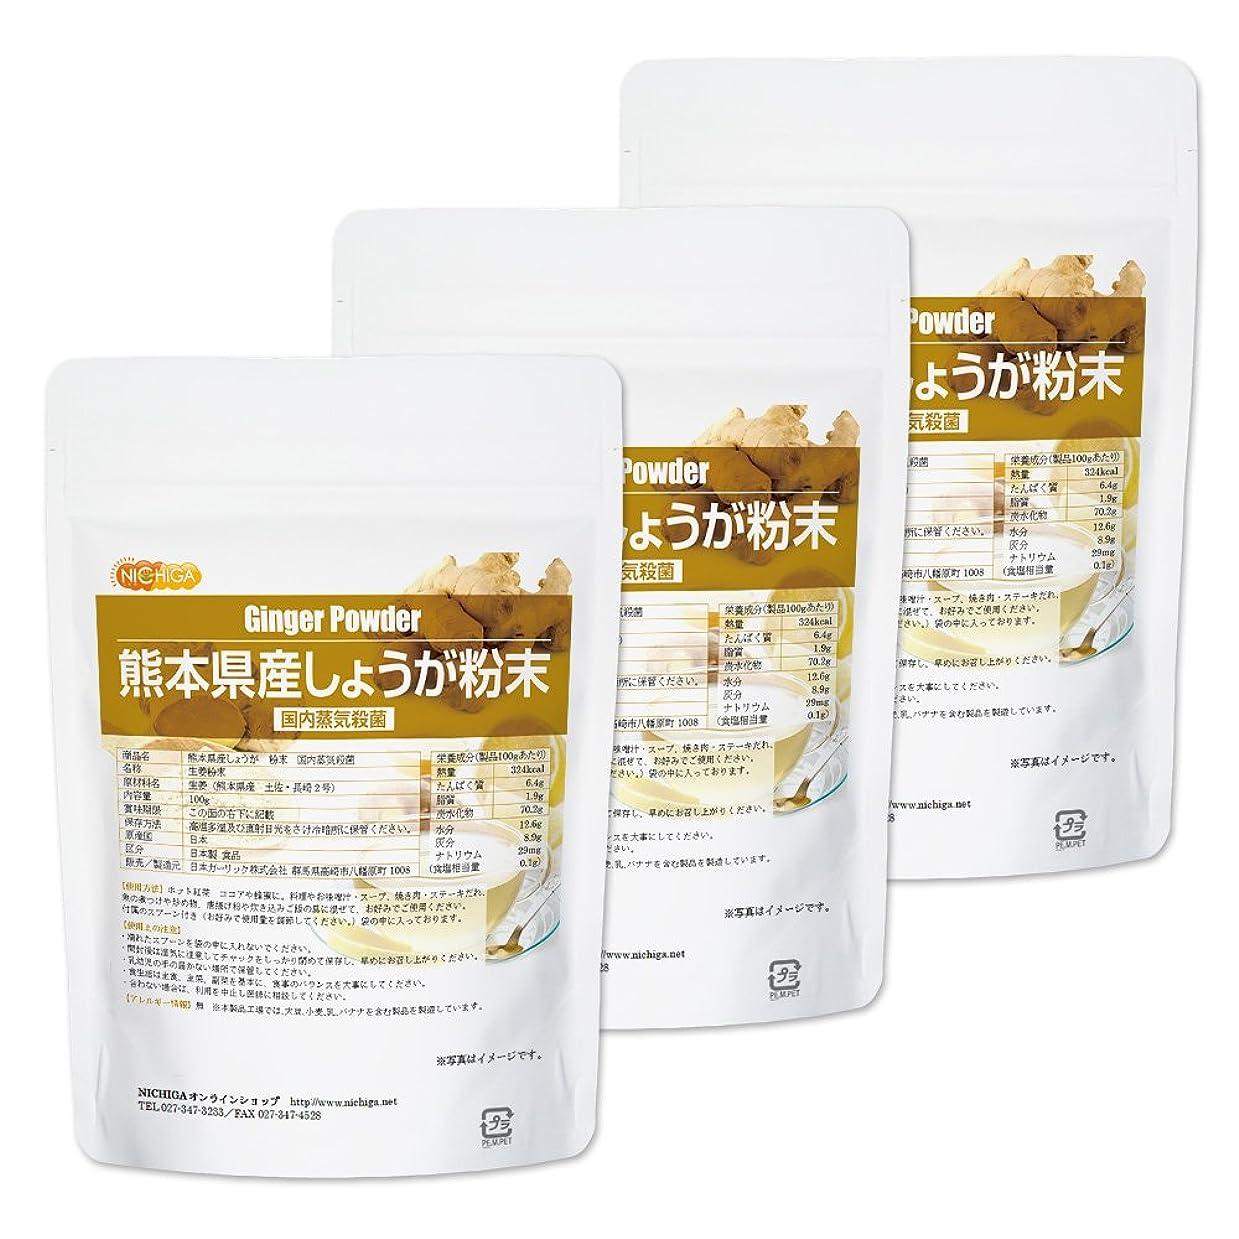 租界伝染病瞬時に熊本県産しょうが 粉末 100g×3袋 国内蒸気殺菌 [06] 生姜パウダー100% NICHIGA(ニチガ)